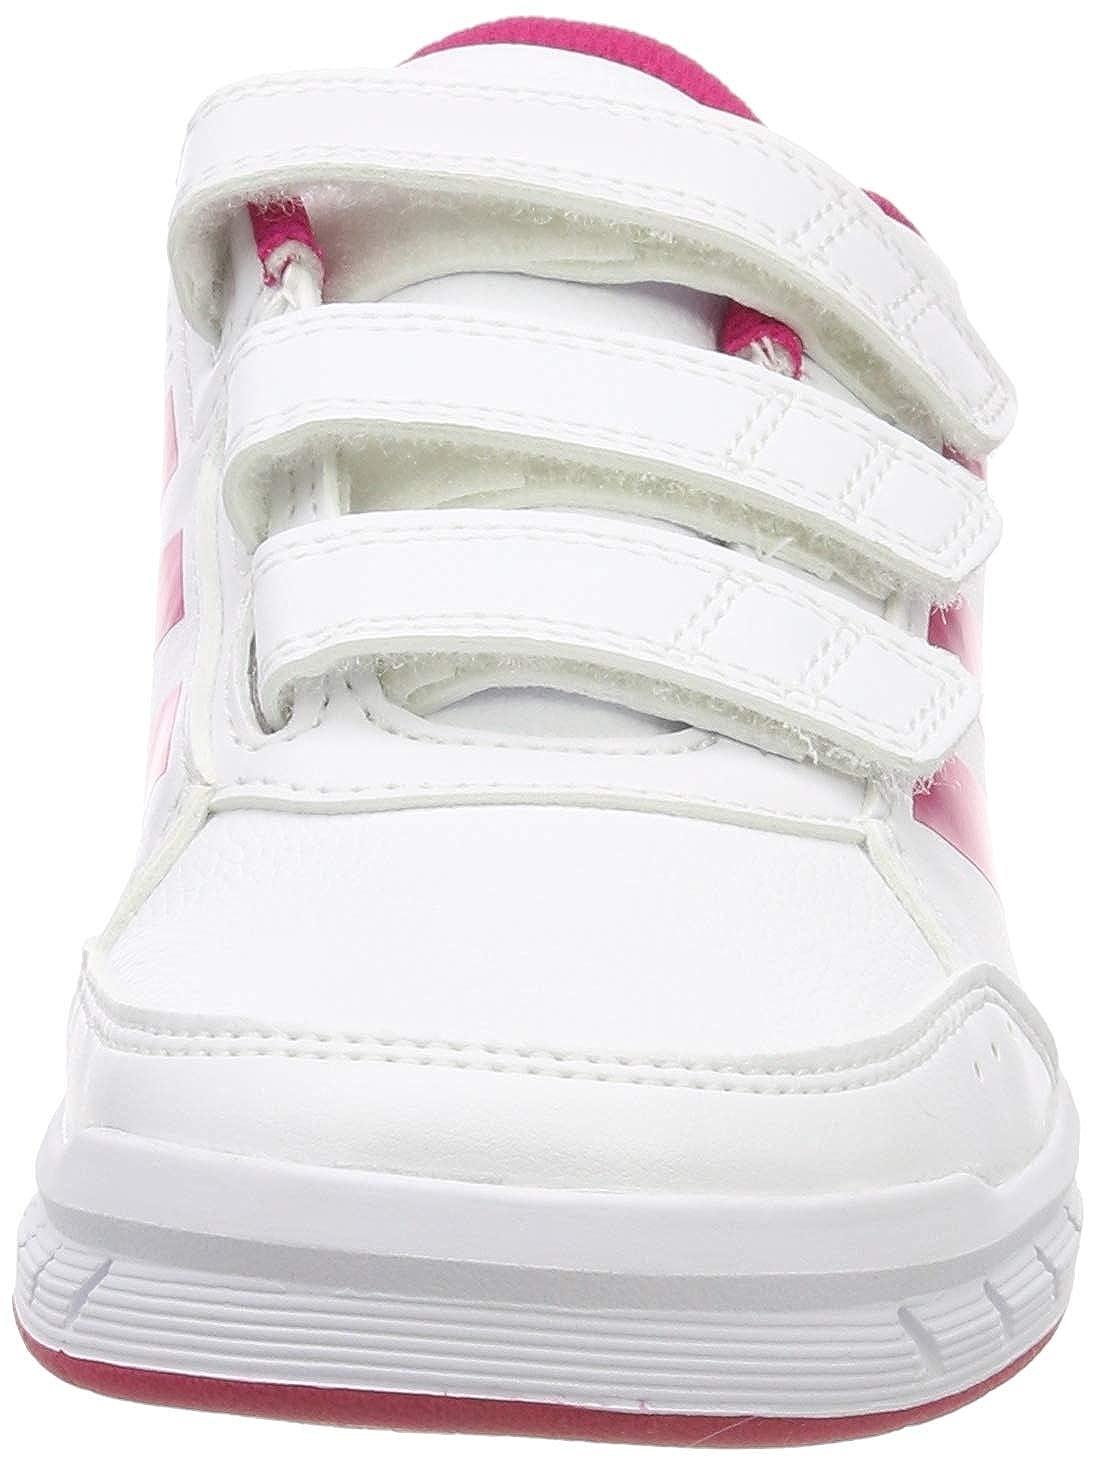 Adidas Altasport CF K, Zapatillas de Deporte Unisex niños: Amazon.es: Zapatos y complementos